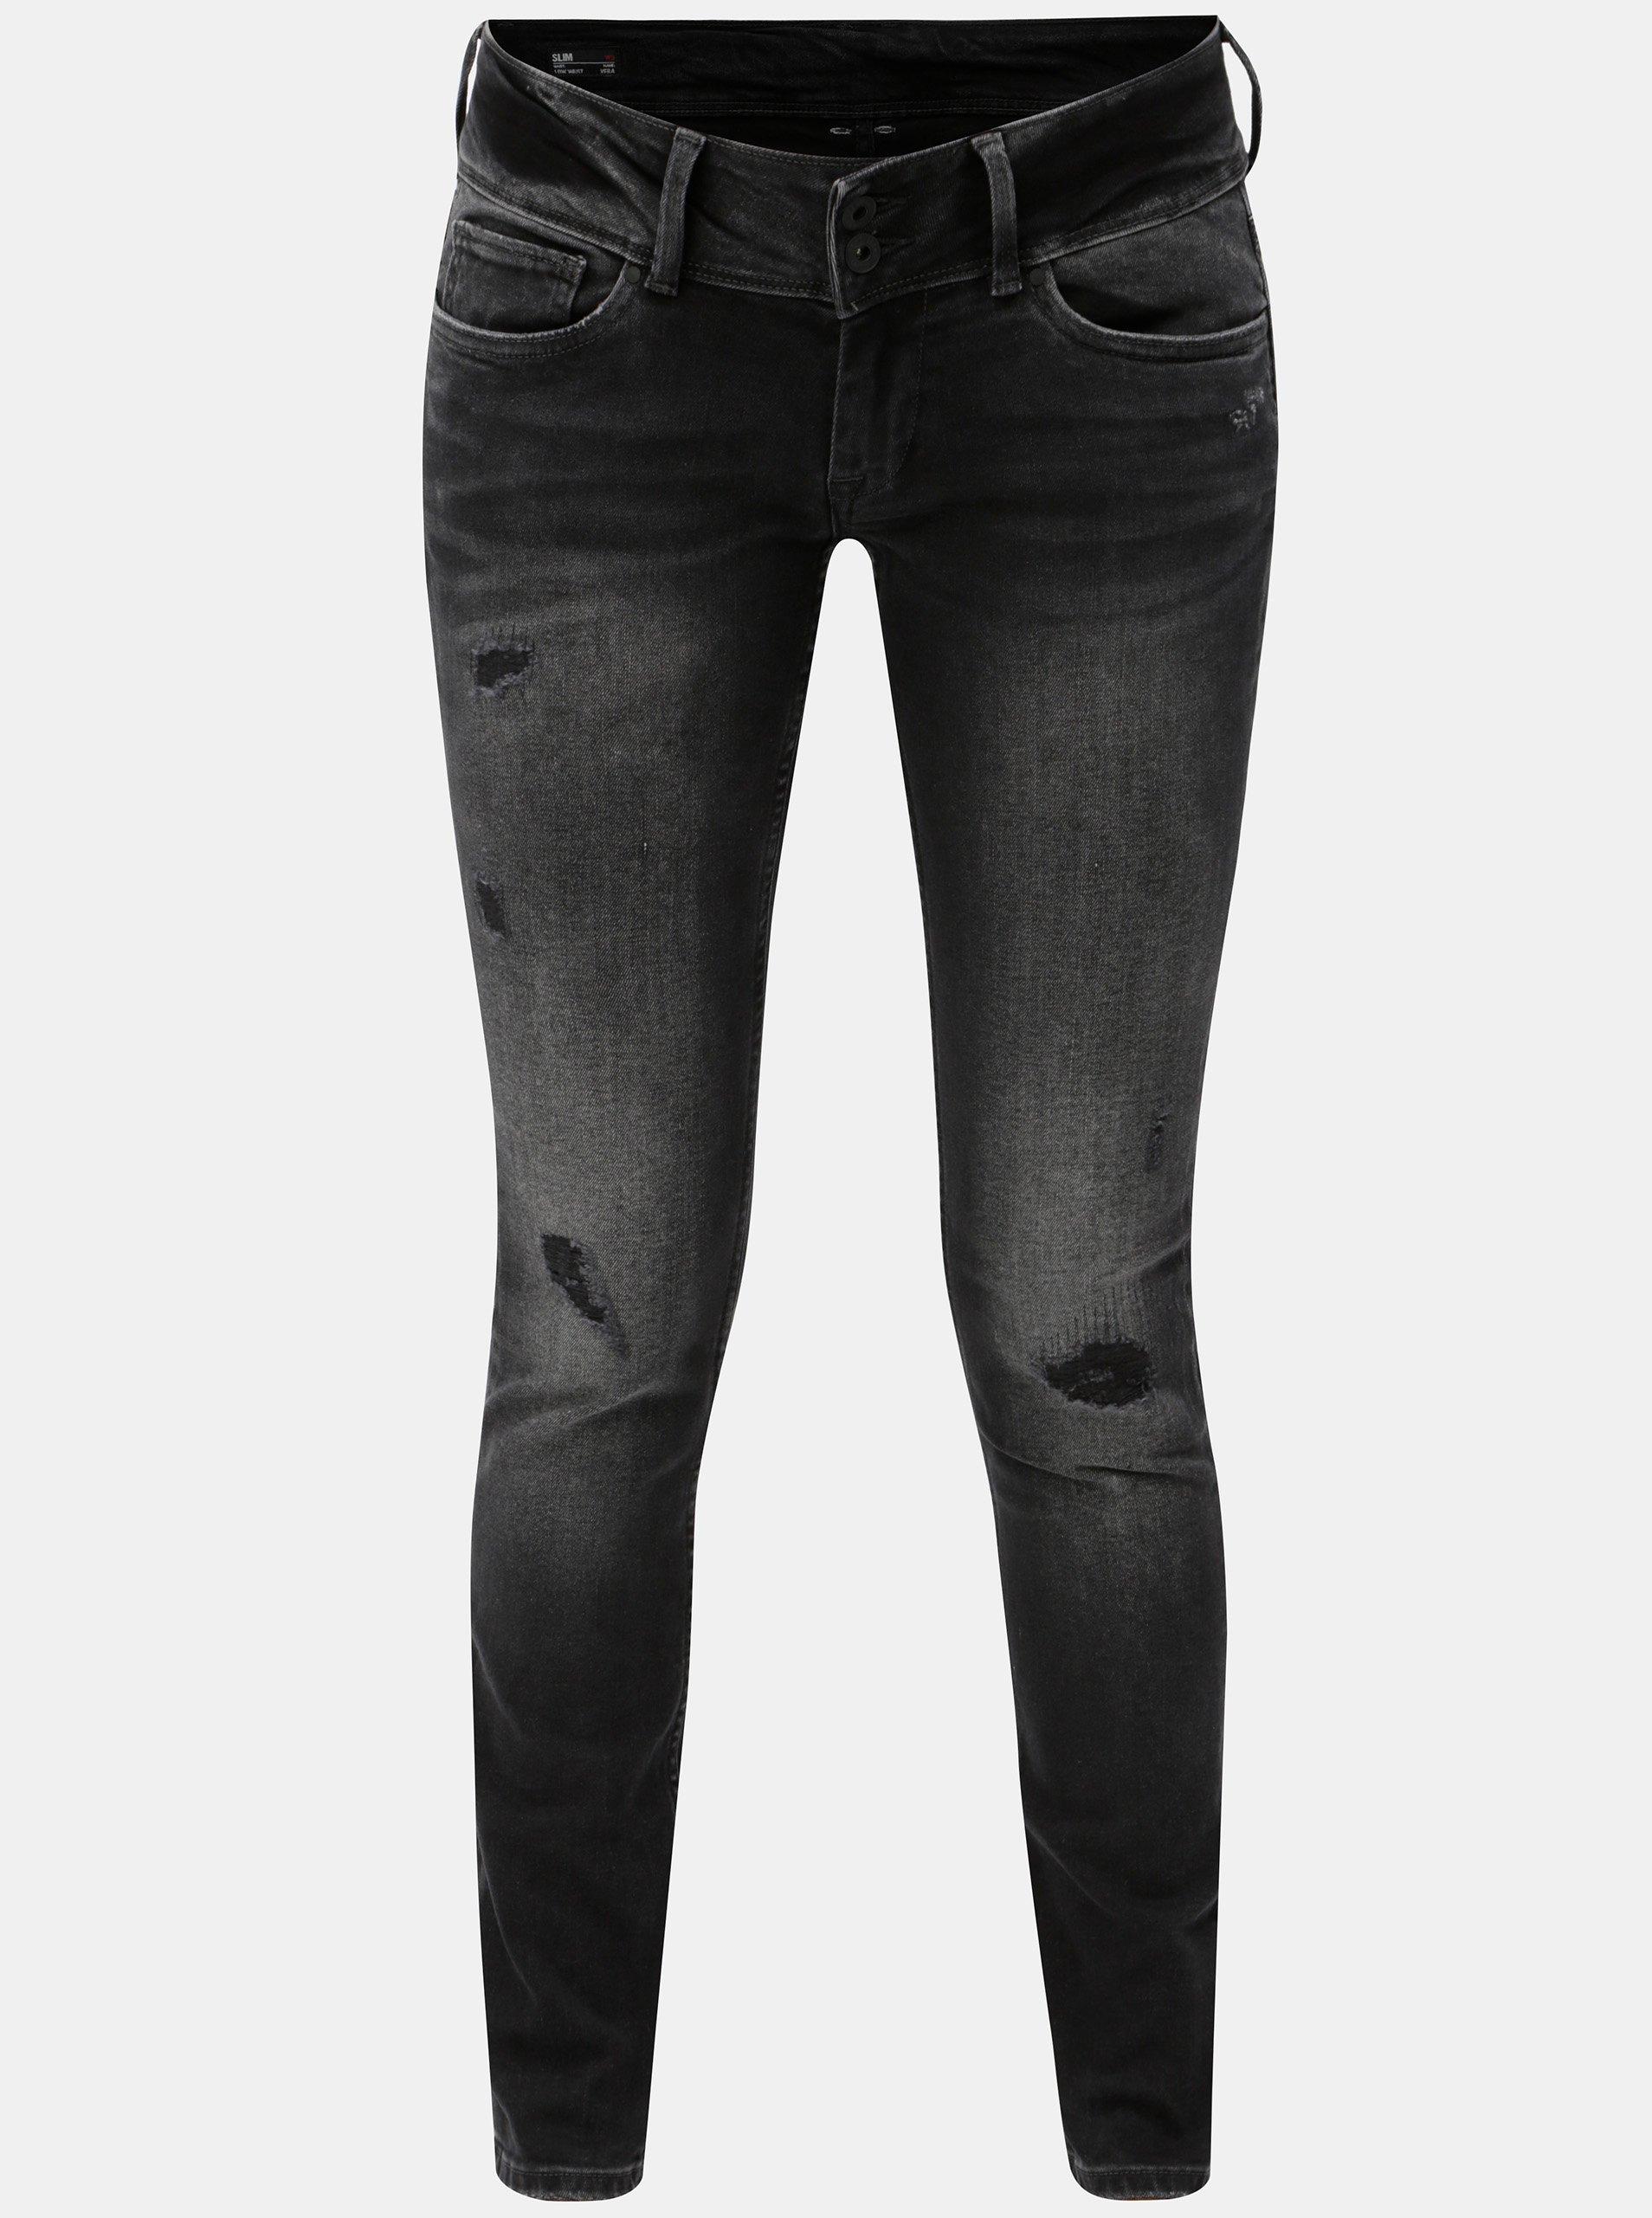 Černé dámské slim džíny s potrhaným efektem Pepe Jeans